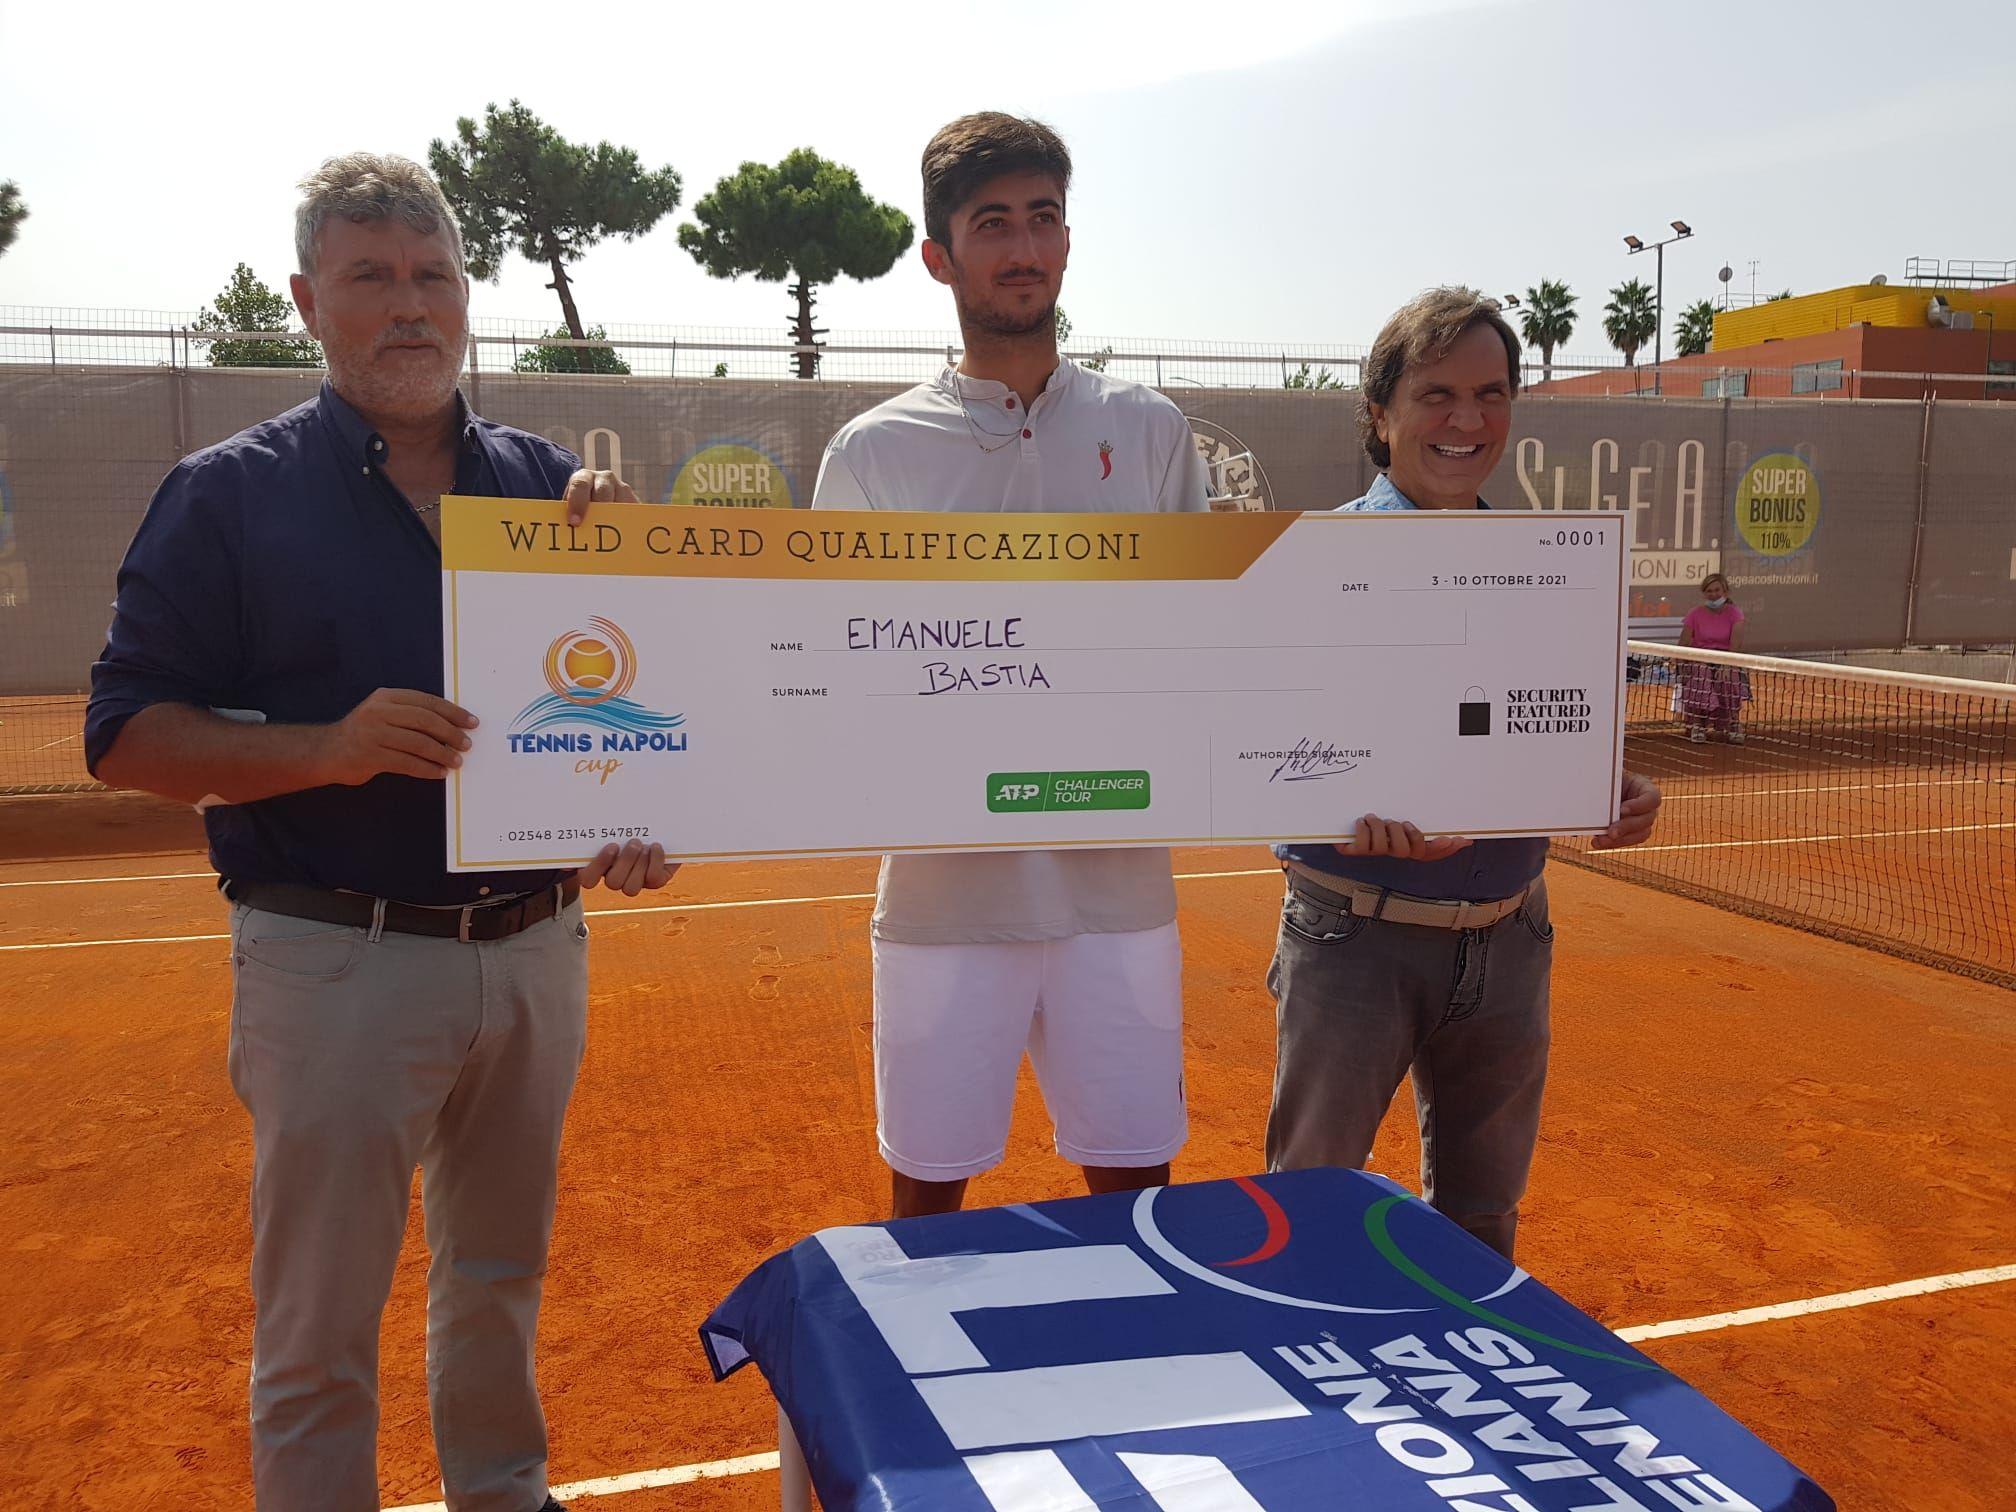 Nella foto, insieme al vincitore Bastia, ci sono il vice presidente di Comitato campano tennis e direttore della Tennis Napoli Cup Angelo Chiaiese, e il presidente onorario del Gruppo Quick Service, Massimo Vernetti, che ha affiancato l'Open Accademia.